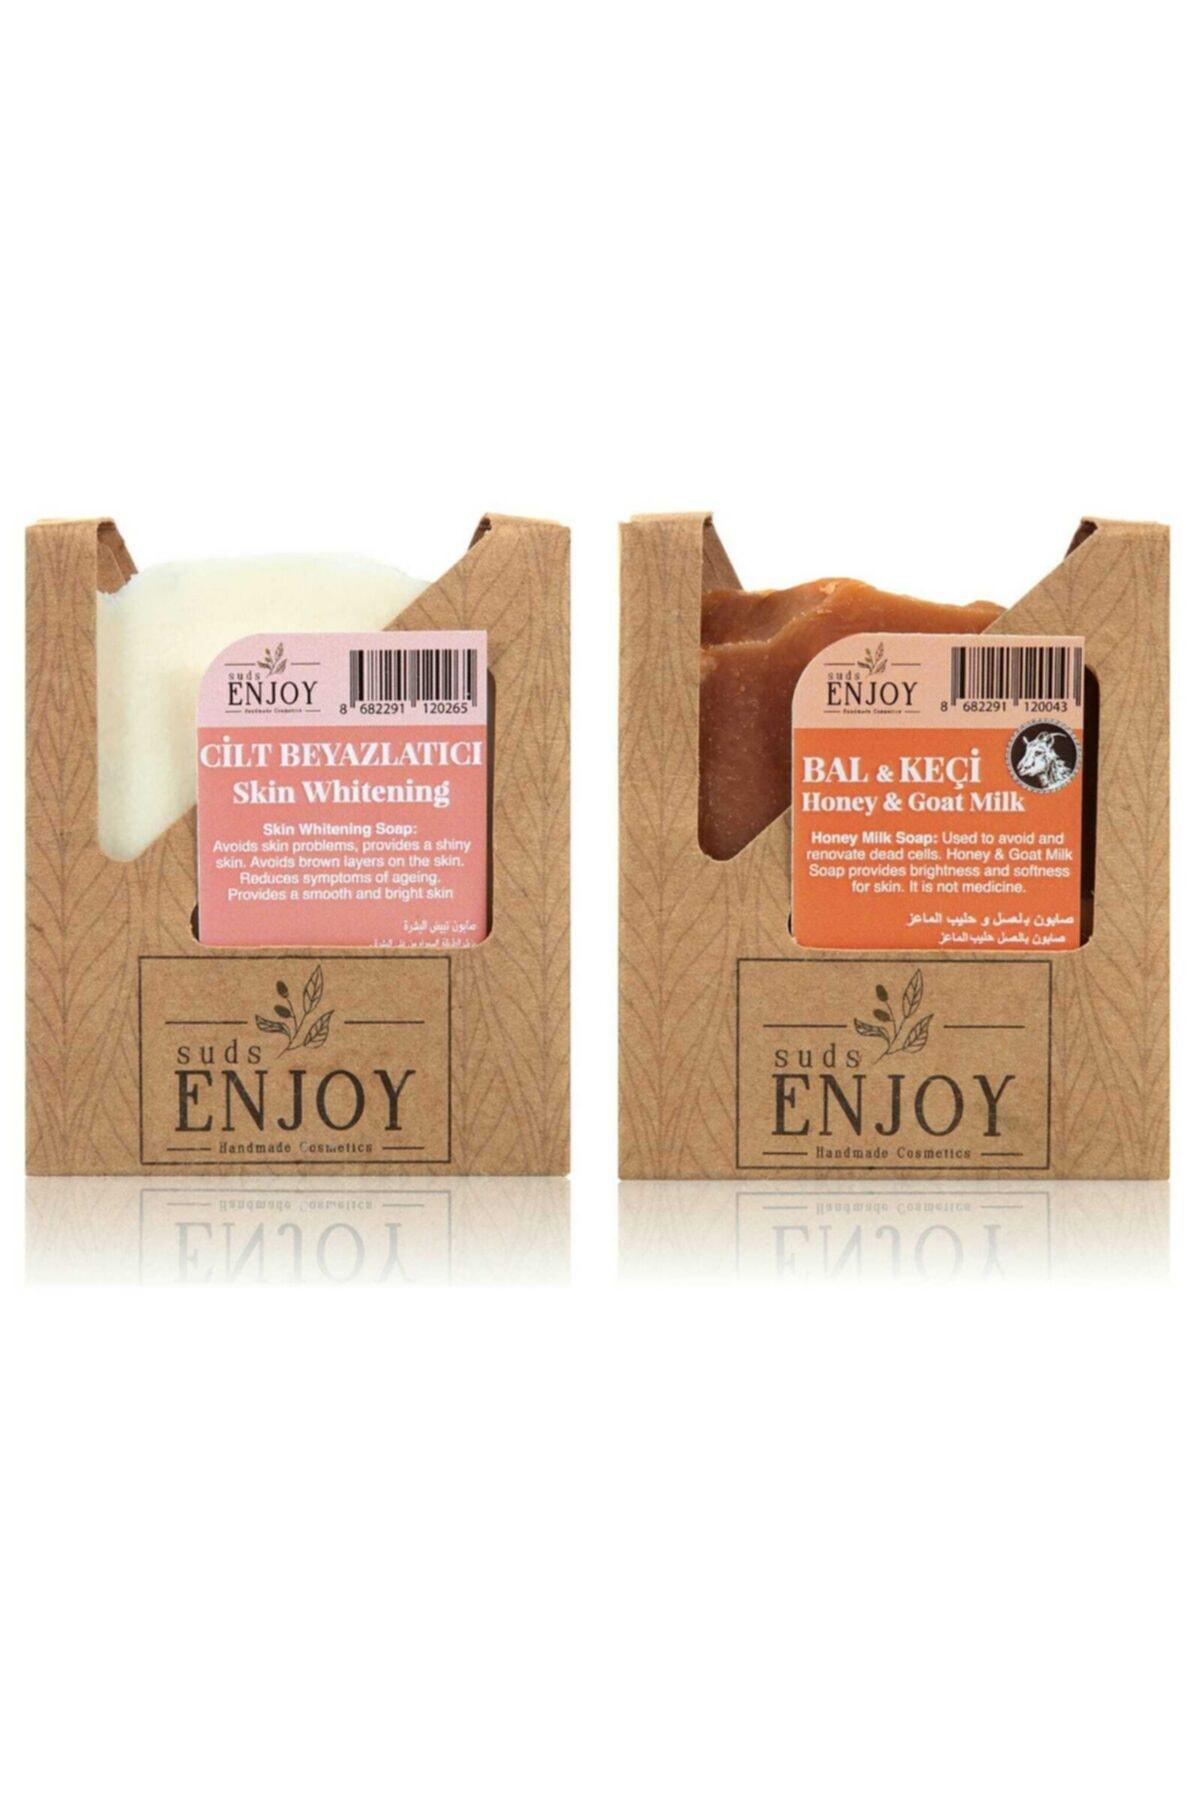 Enjoy Doğal Cilt Beyazlatıcı - Bal Keçi Sütlü El Yapımı Yüz, Saç Ve Vücut Sabunu (ikili Paket) 1